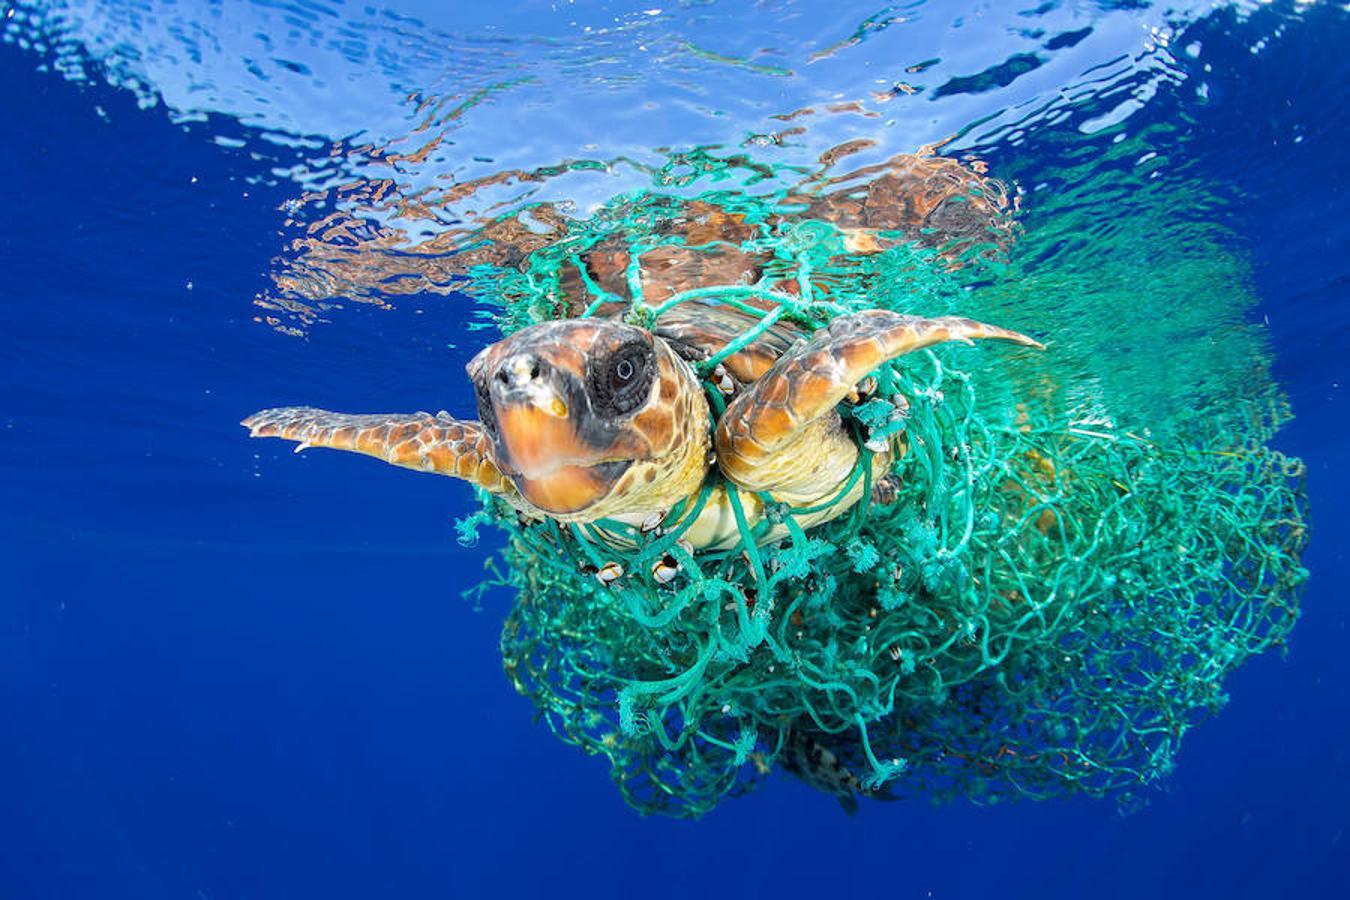 Una tortuga intenta nadar atascada en una red en la costa de Tenerife